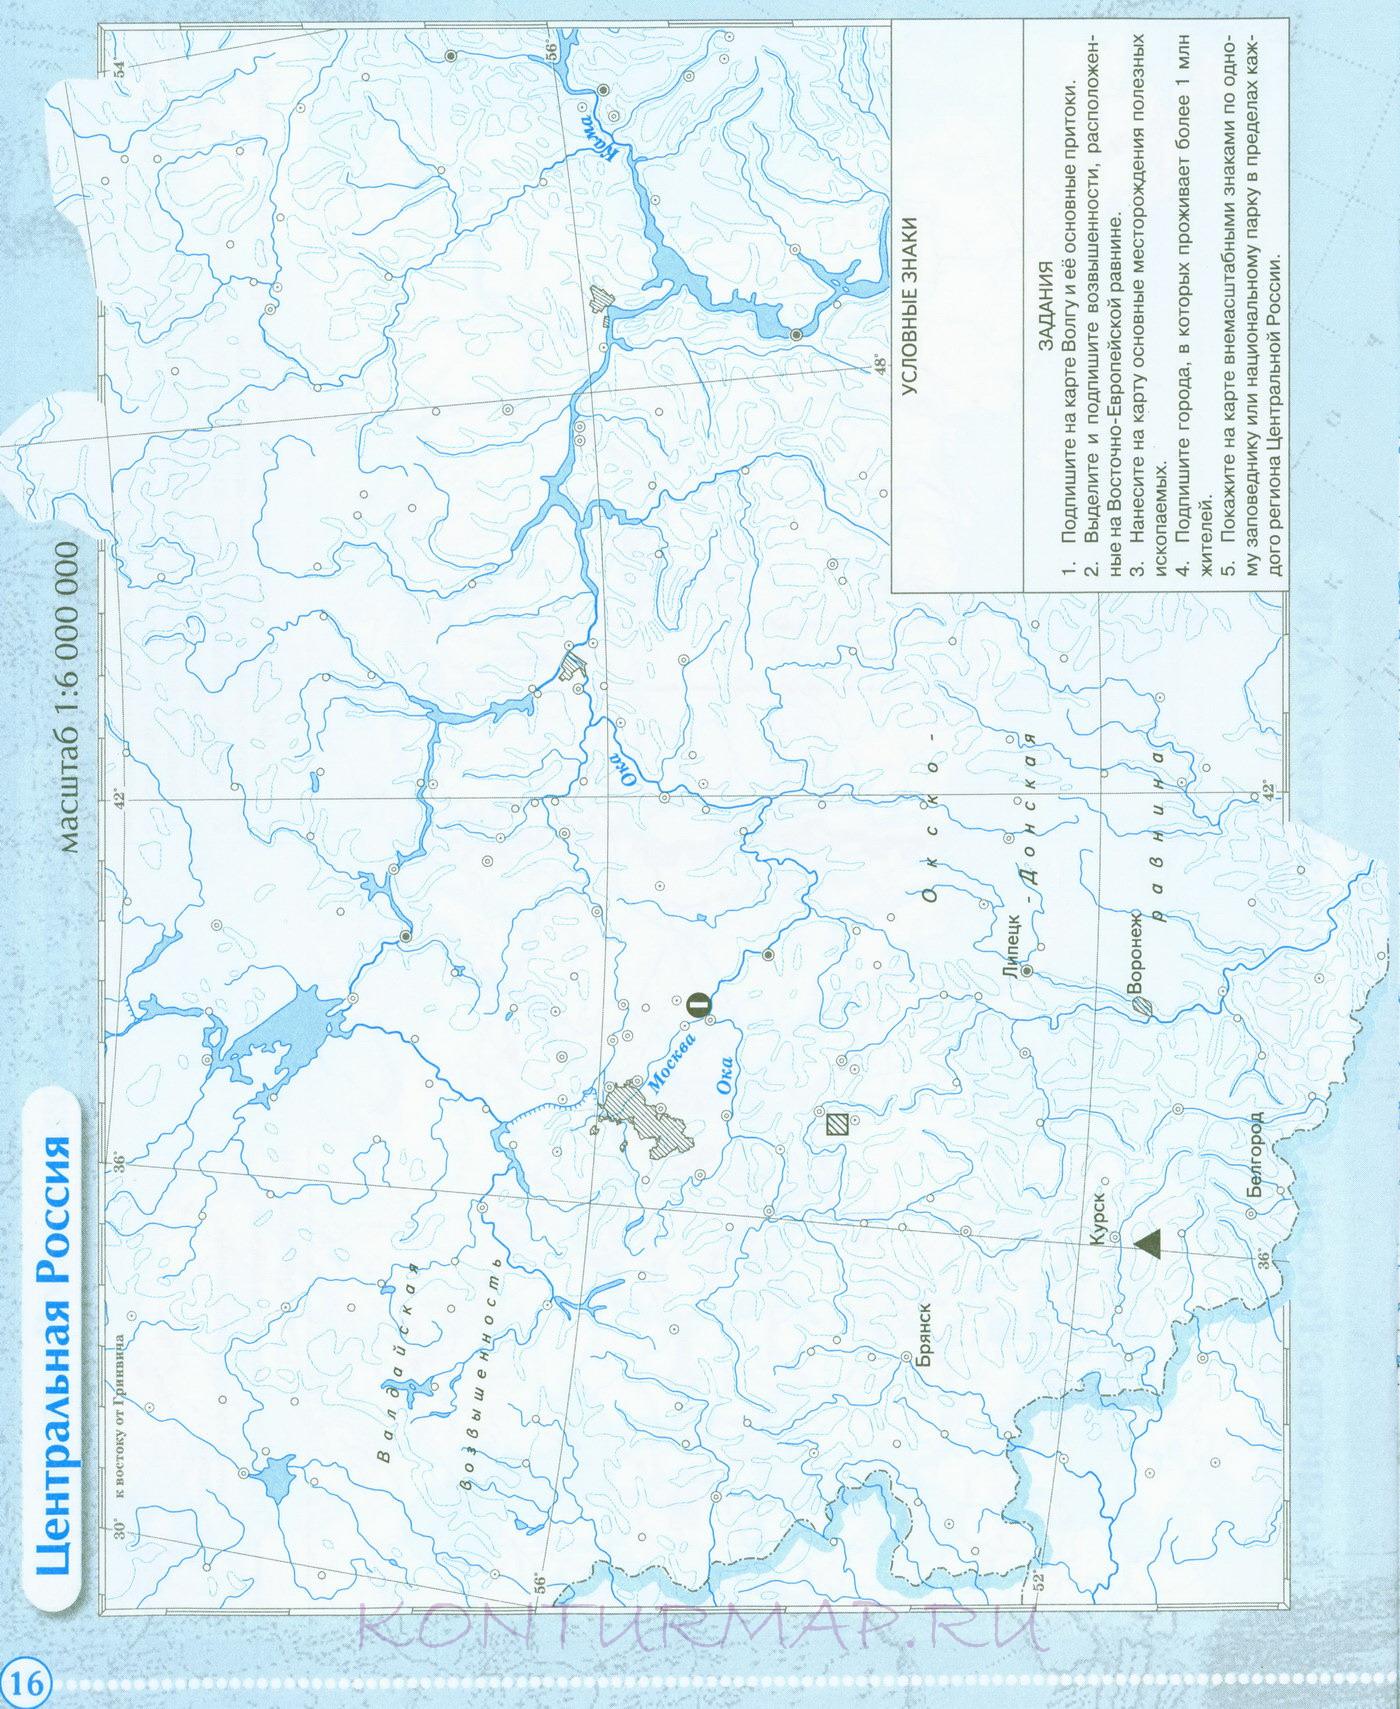 Контурные карты по географии 8 класс скачать бесплатно